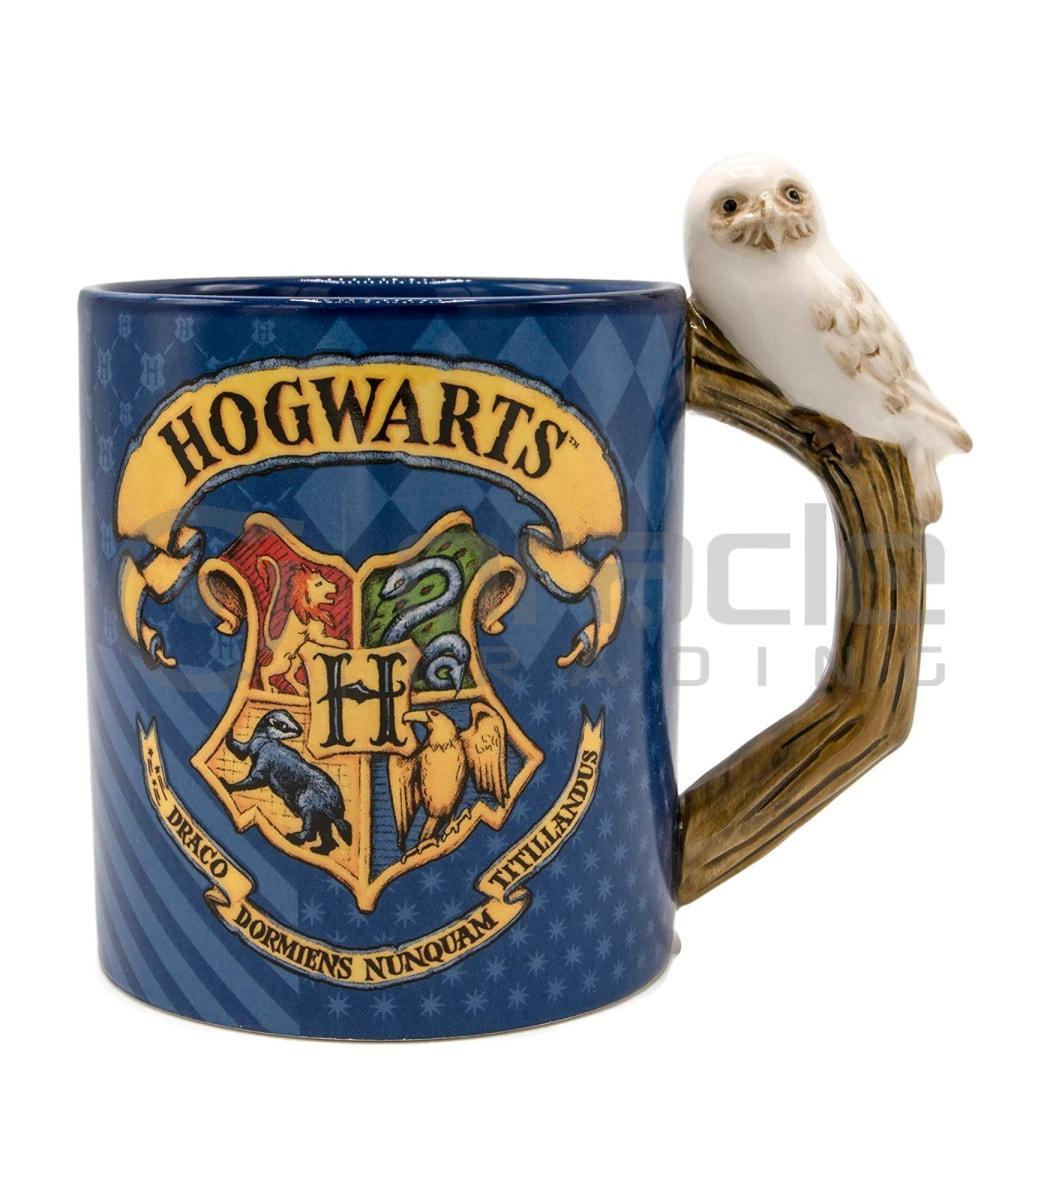 Harry Potter Sculpted Mug - Hogwarts & Hedwig